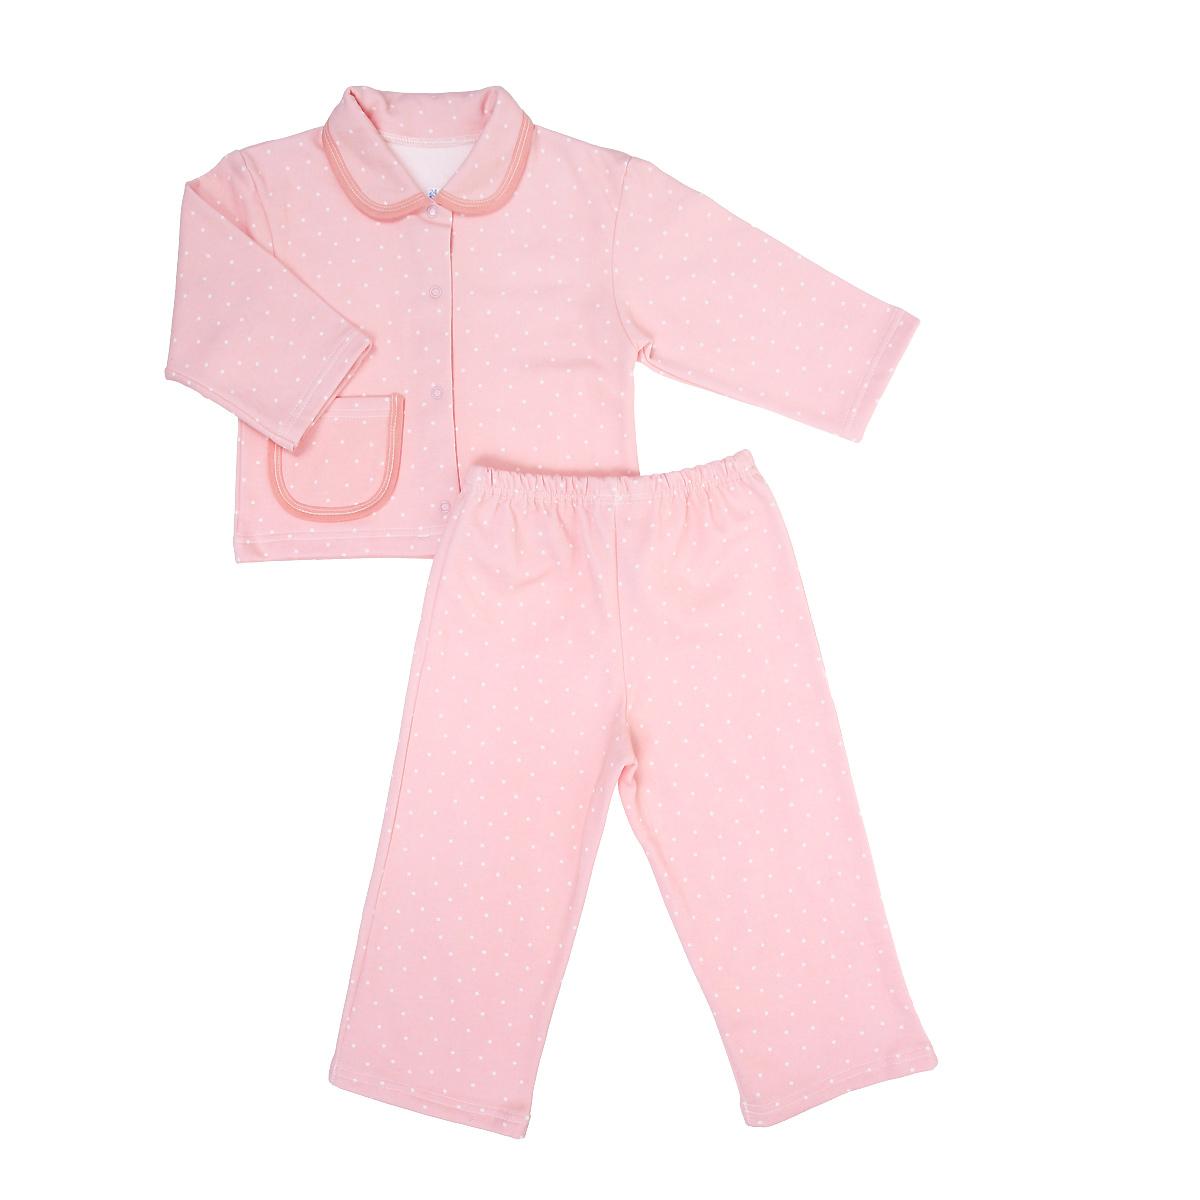 Пижама детская Трон-плюс, цвет: розовый, белый, рисунок горох. 5552. Размер 110/116, 4-8 лет